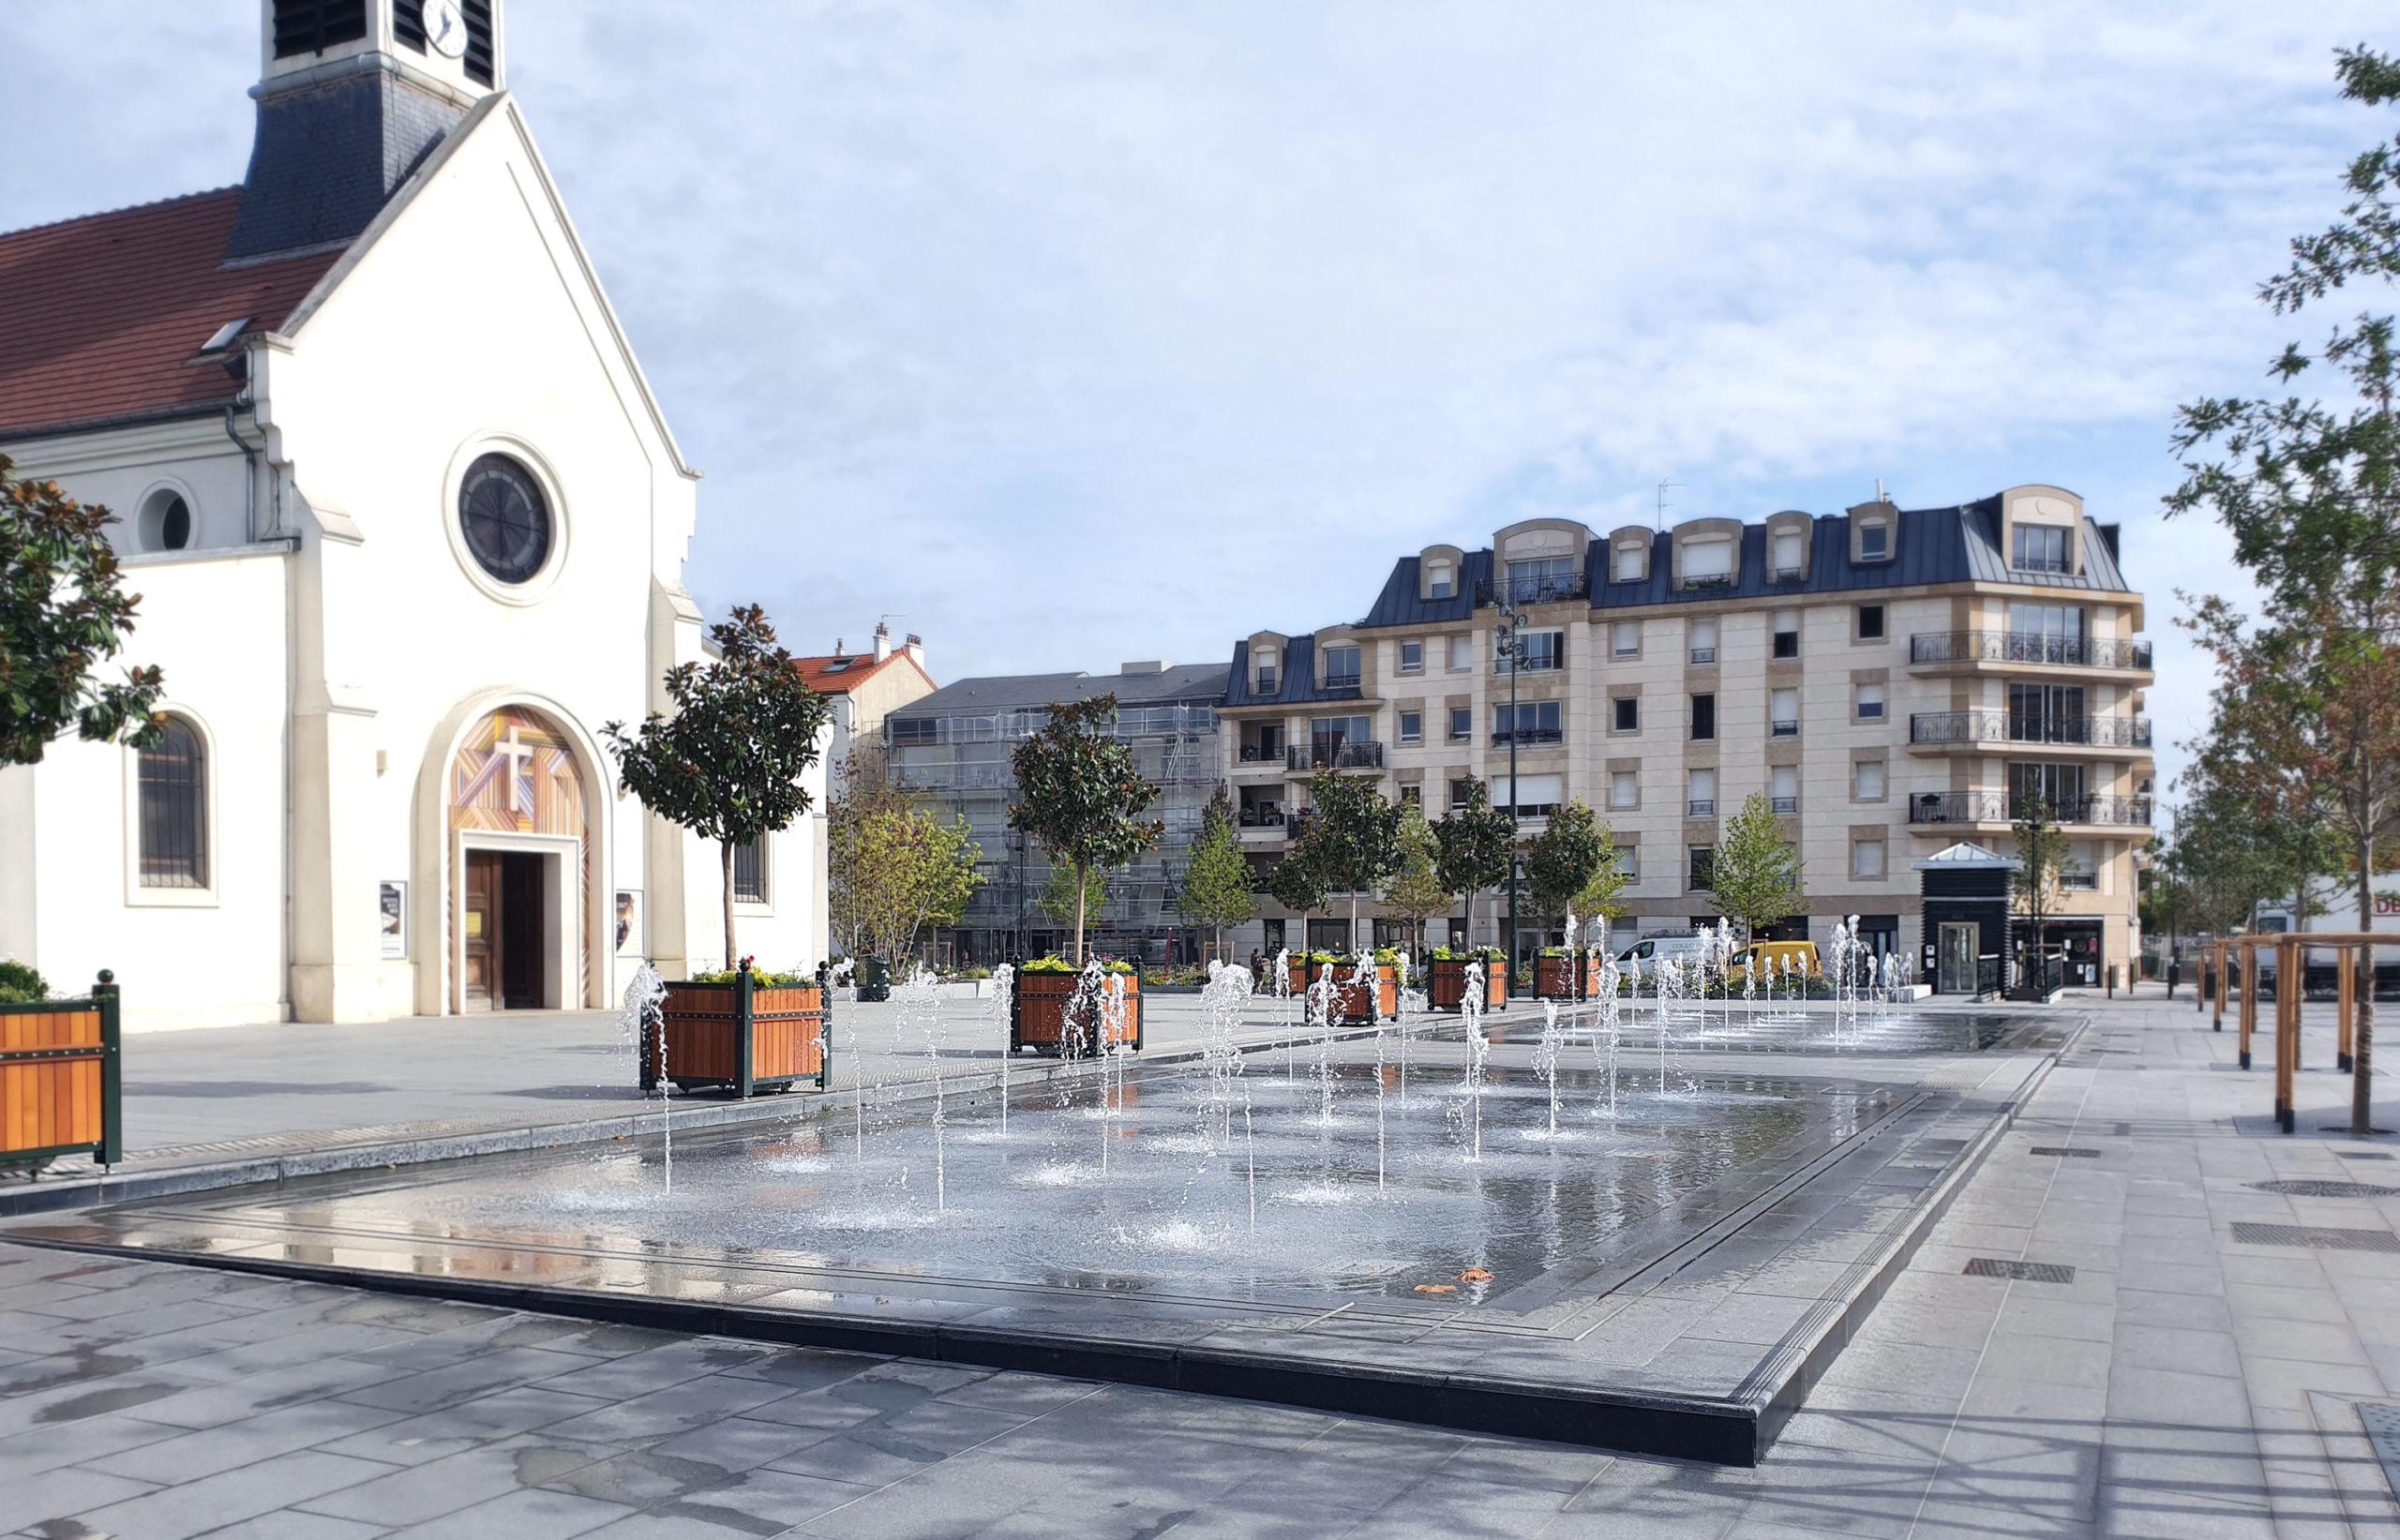 La Garenne-Colombes Place de la Liberté